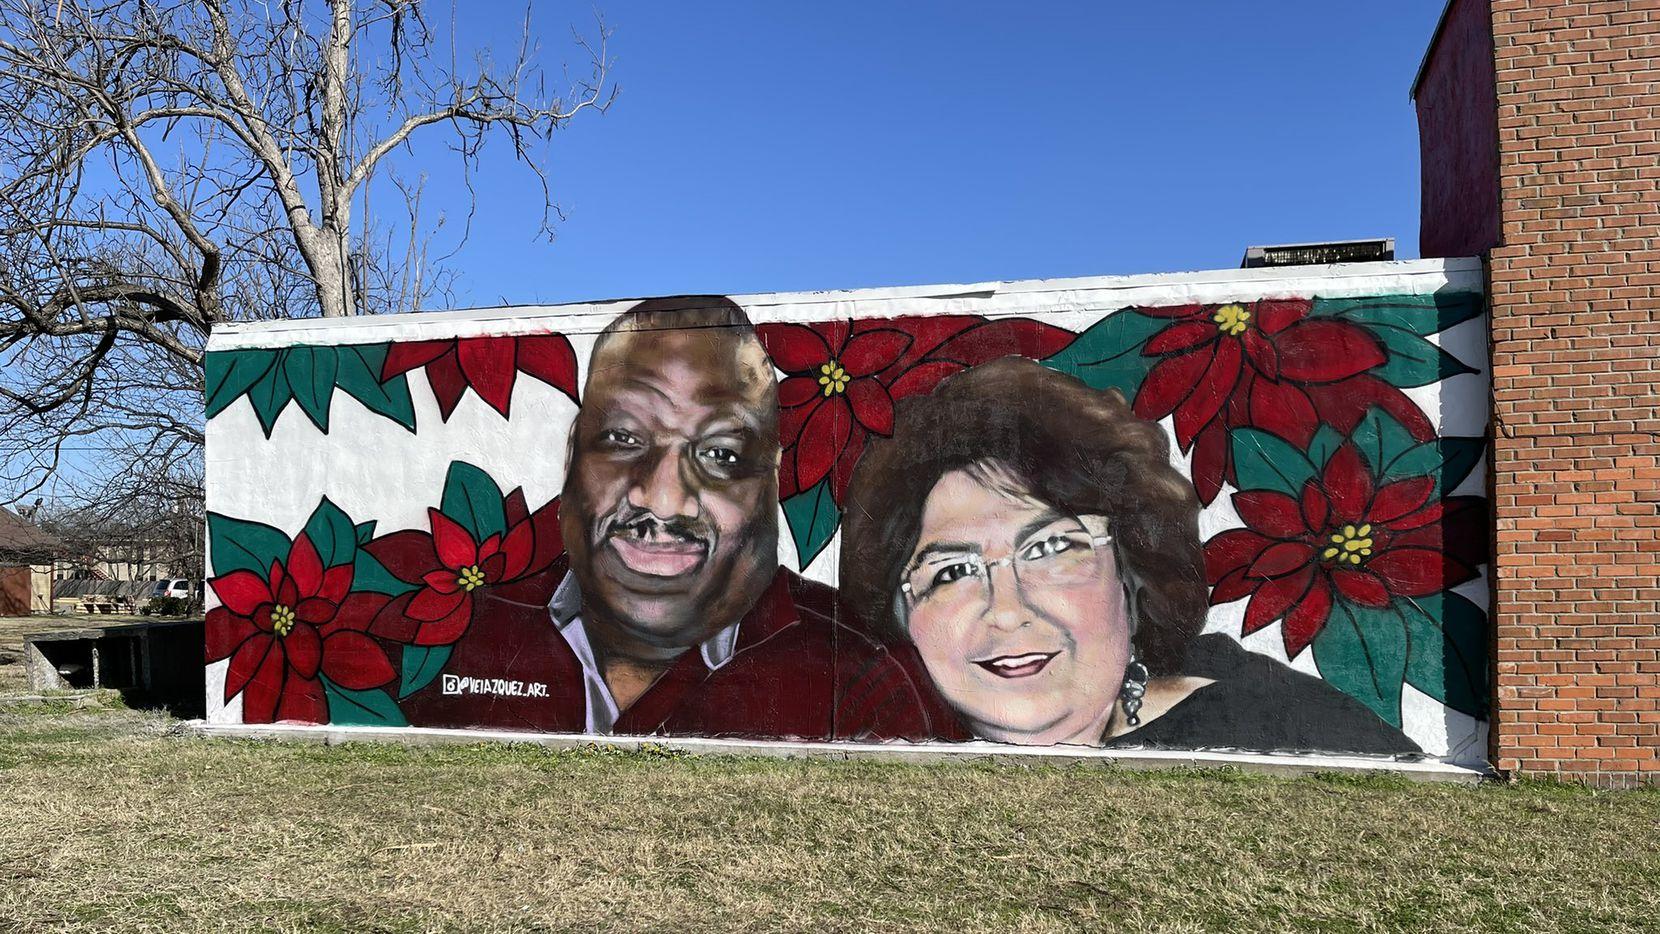 Un mural en Grand Prairie rinde homenaje a Paul y Rose Mary Blackwell, una pareja de educadores que murieron el mismo día como consecuencia de covid-19.